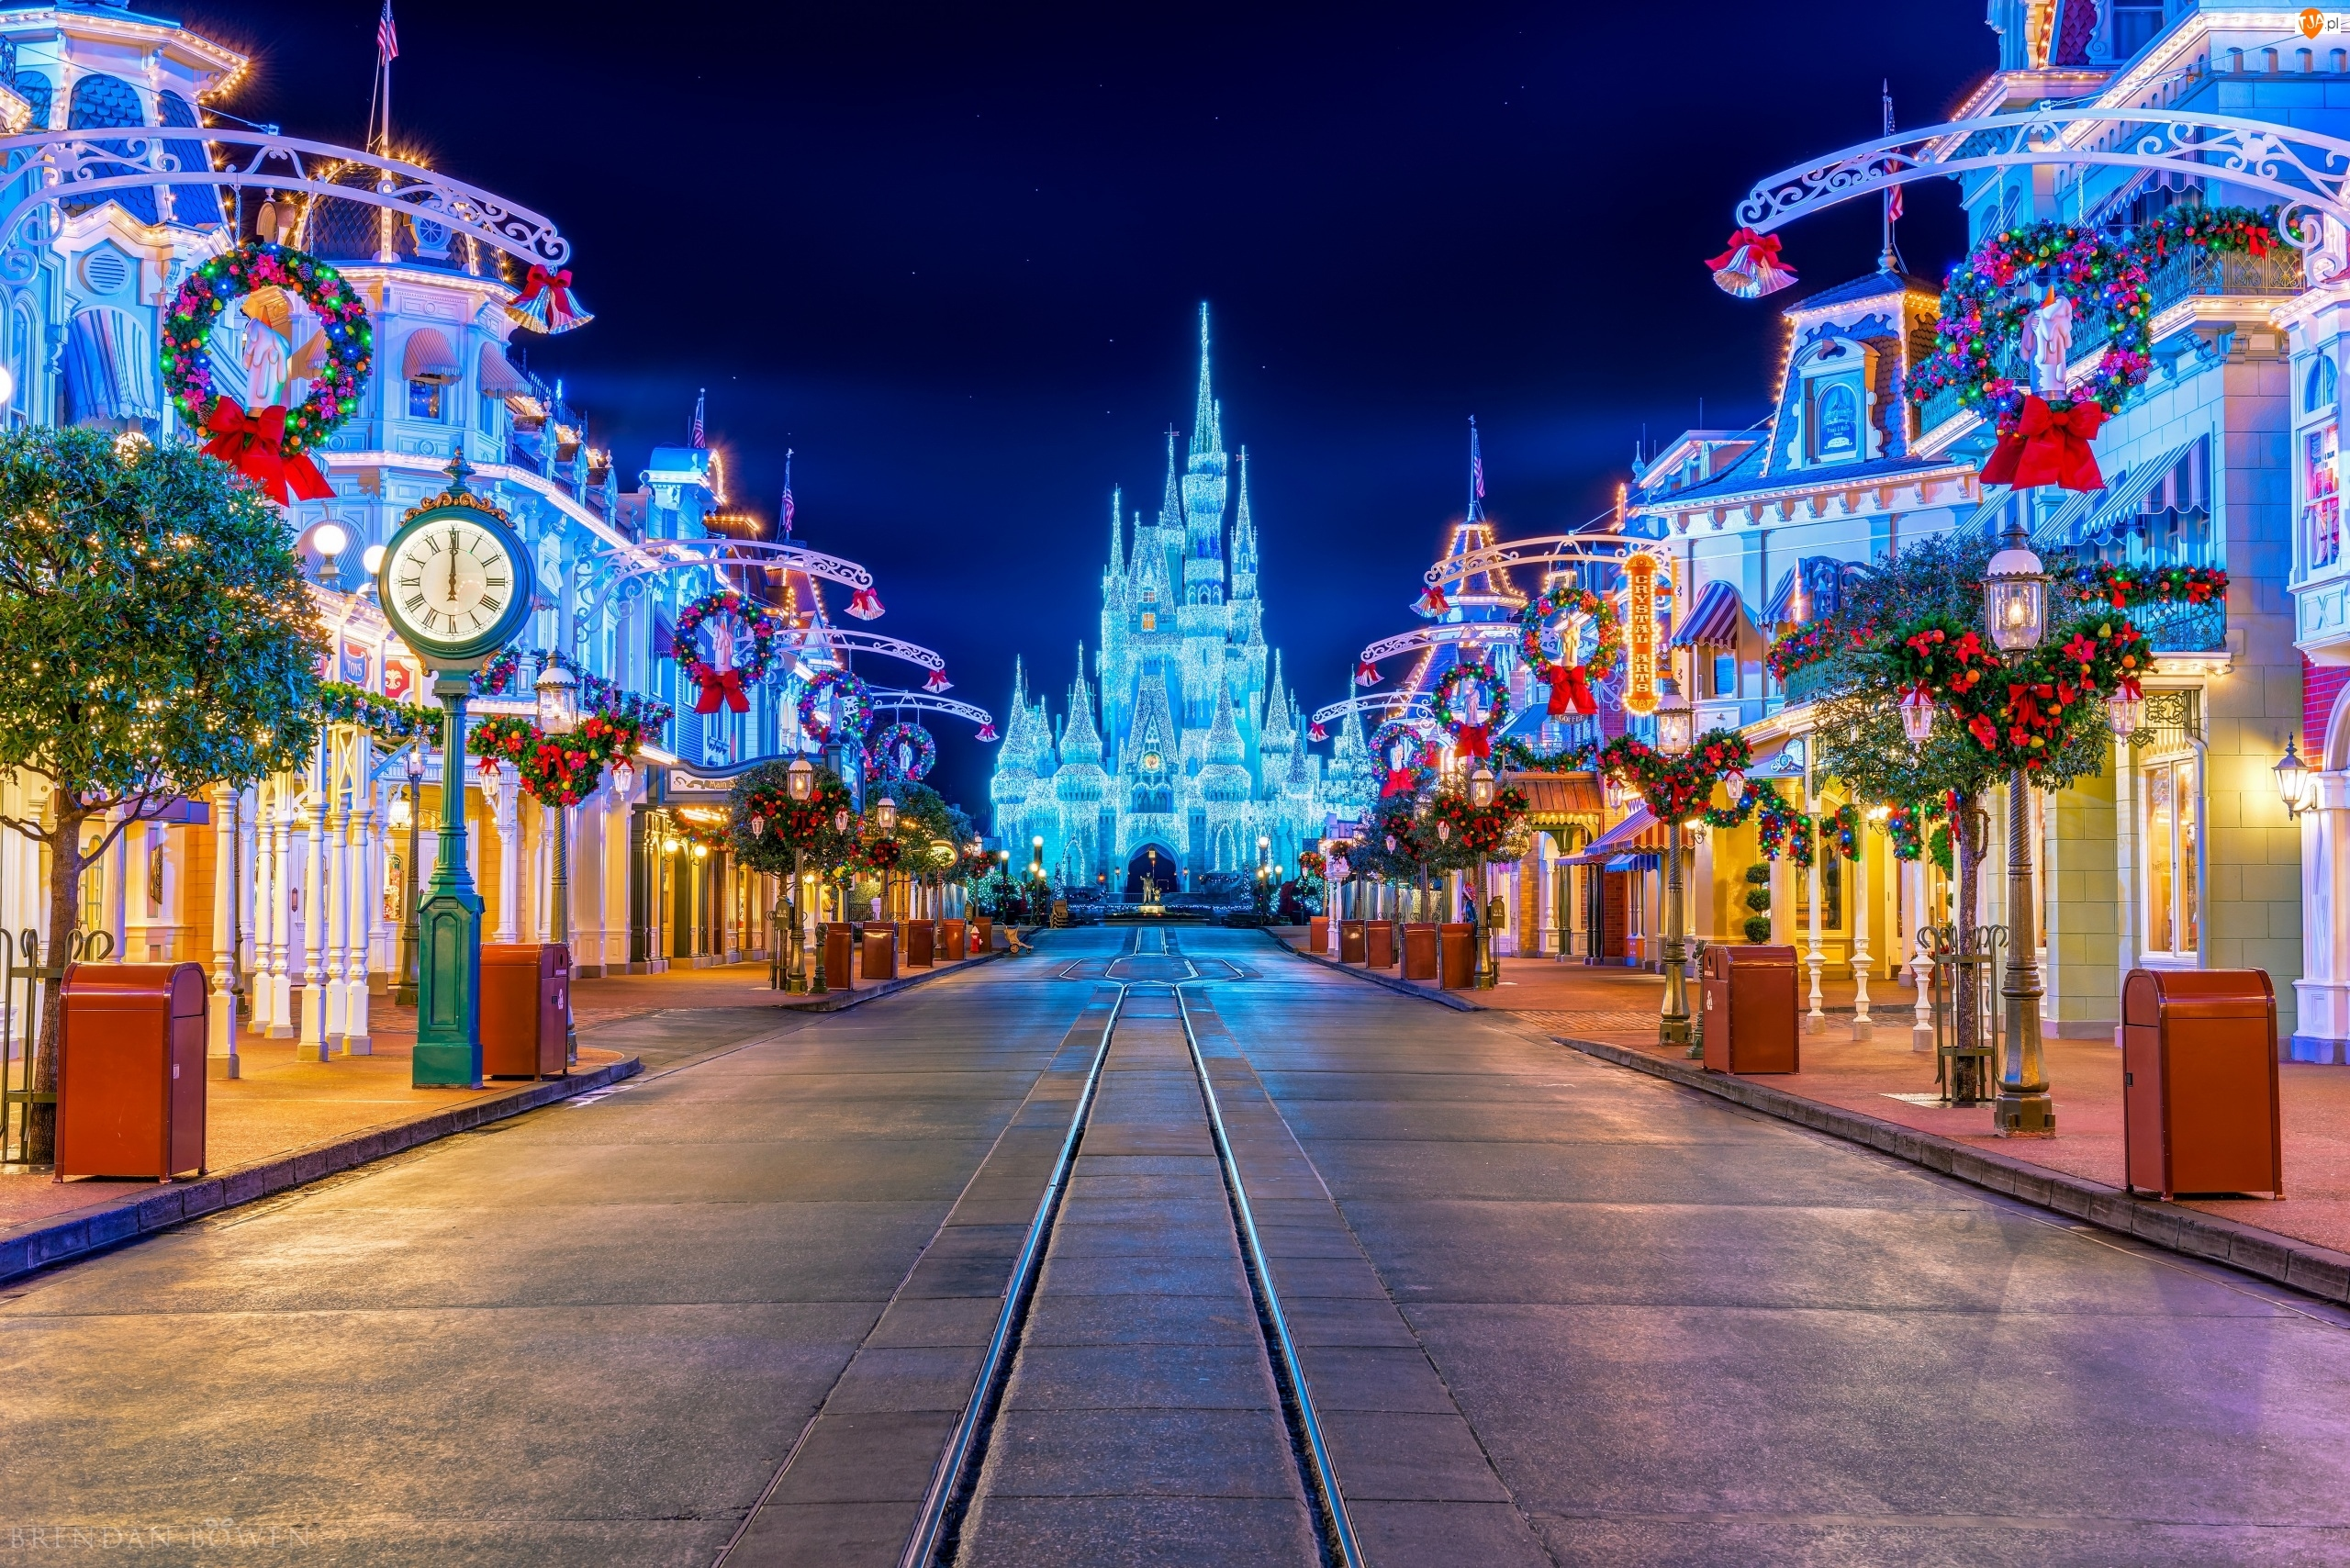 Dekoracje, Disneyland, Boże Narodzenie, Noc, Ulica